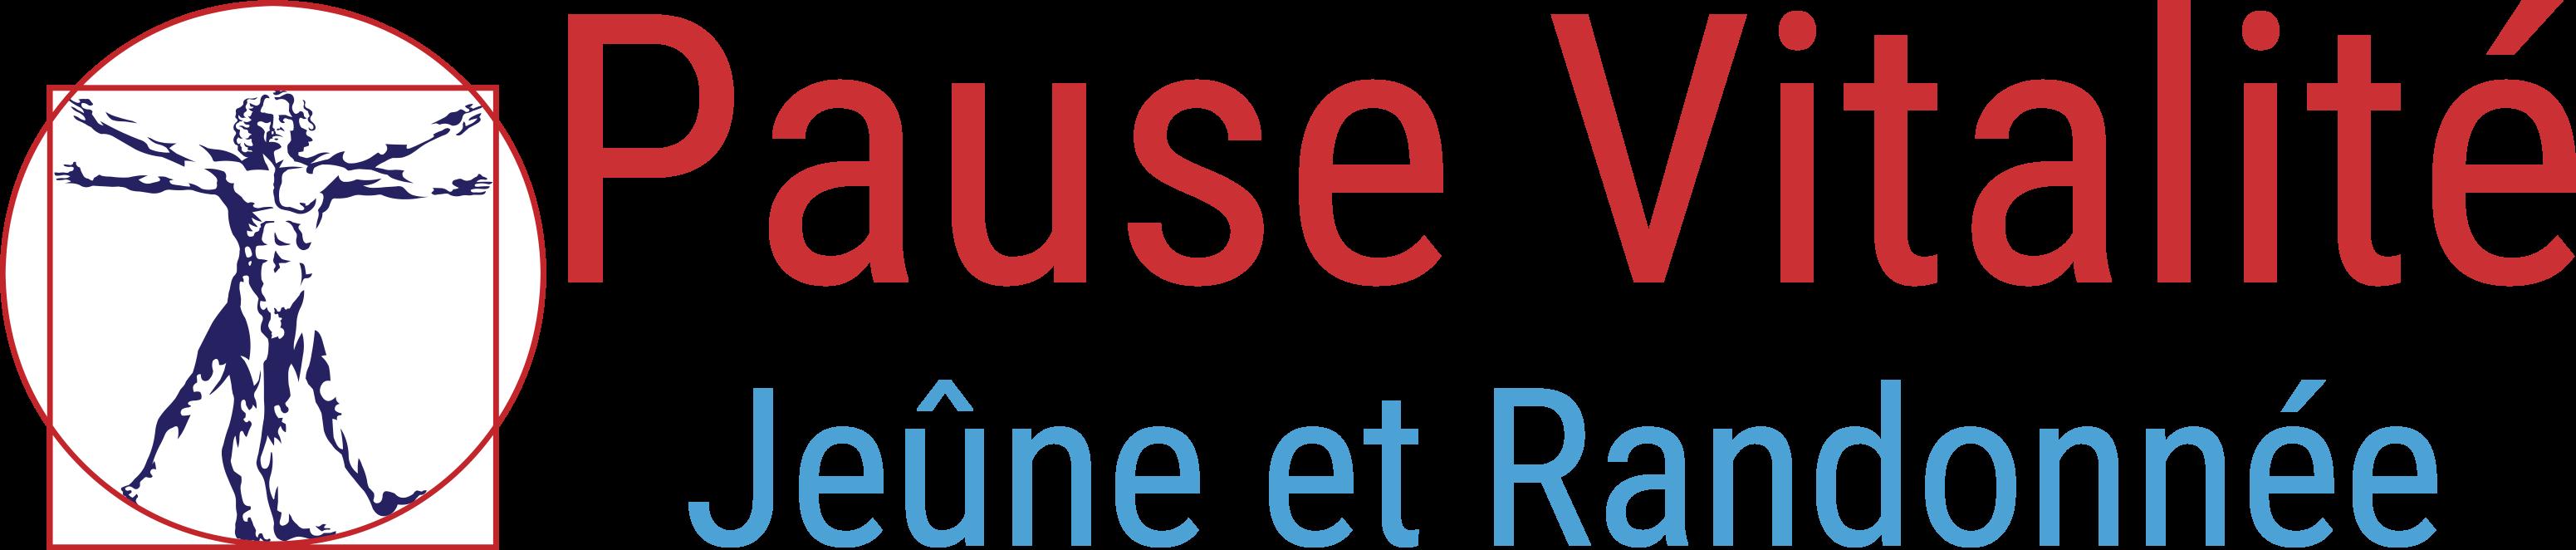 logo Pause Vitalité Jeûne et Randonnée